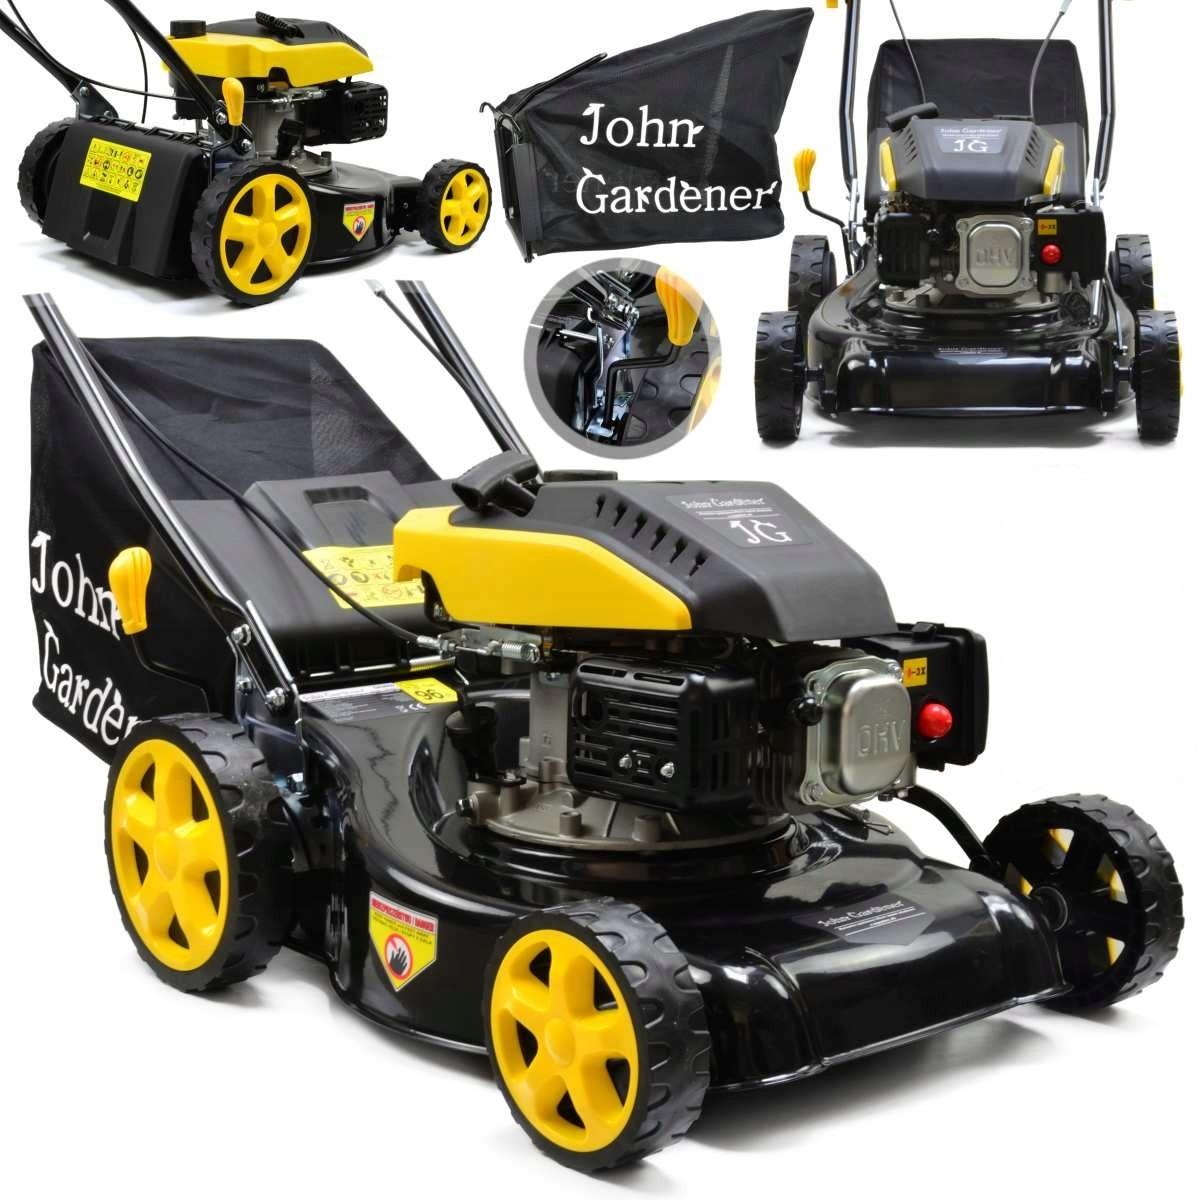 John Gardener KOSIARKA SPALINOWA Z NAPĘDEM 6KM model 2020